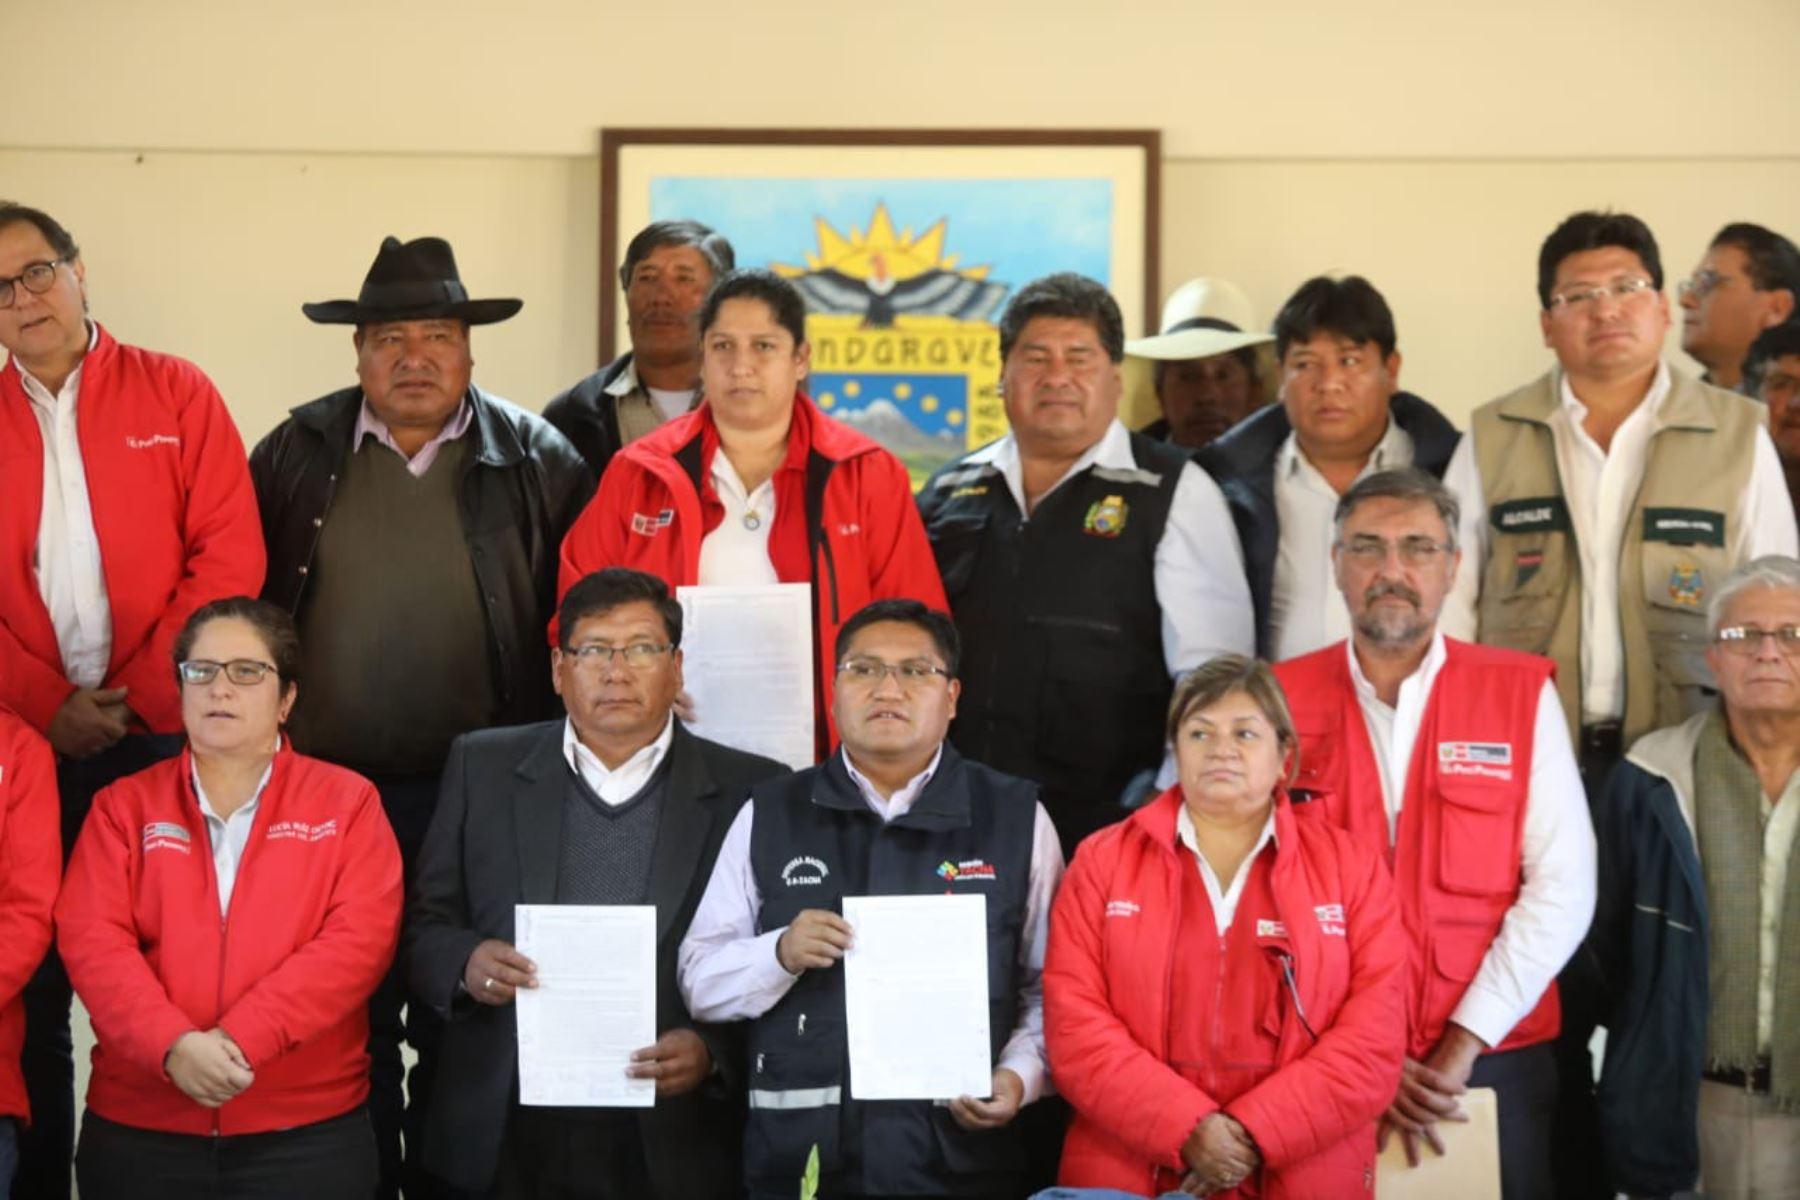 El Gobierno oficializó hoy la creación y conformación de la mesa de diálogo de Candarave, en Tacna. ANDINA/Difusión